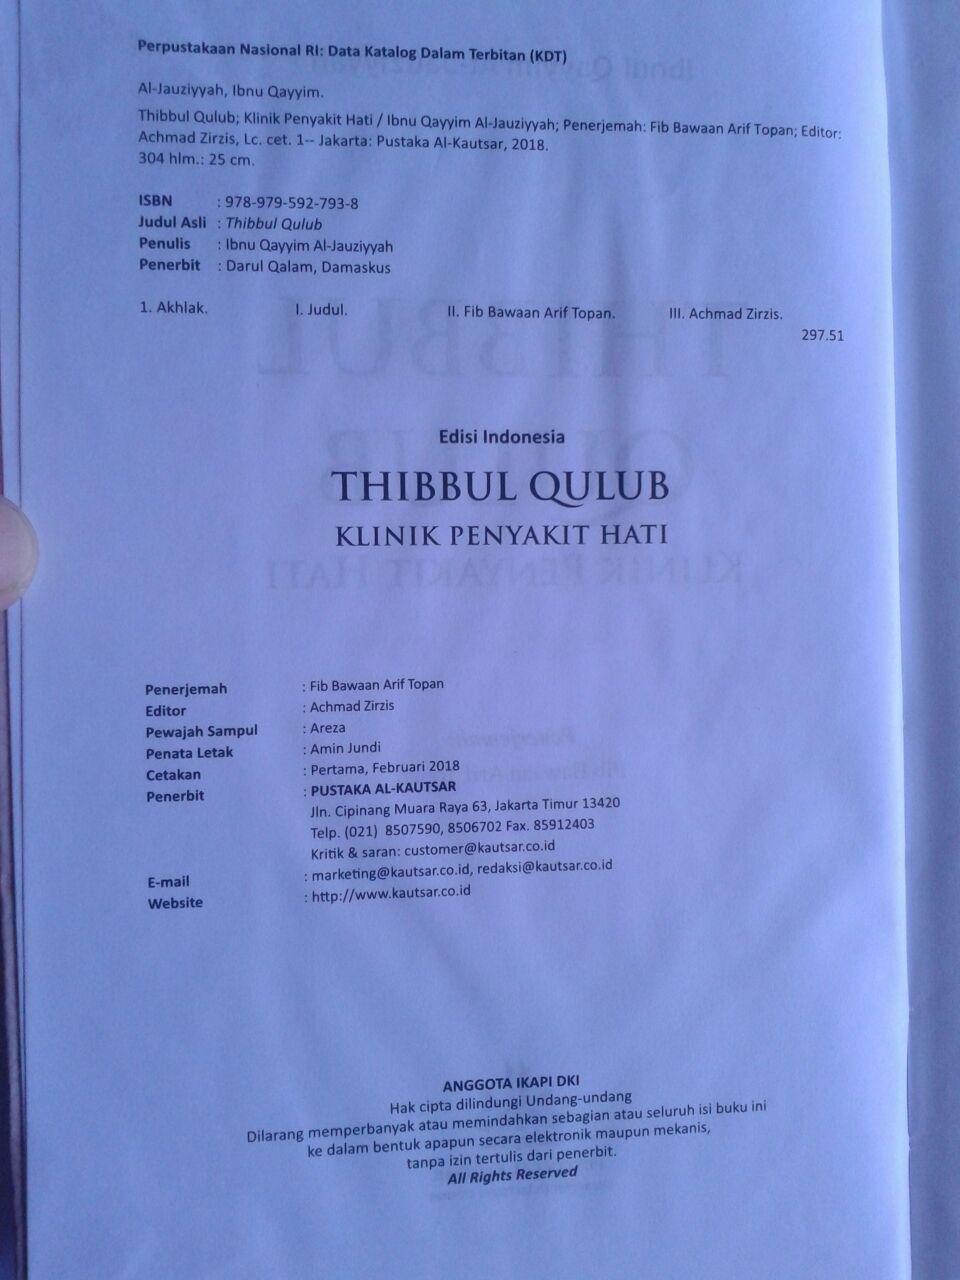 Buku Thibbul Qulub Klinik Penyakit Hati isi